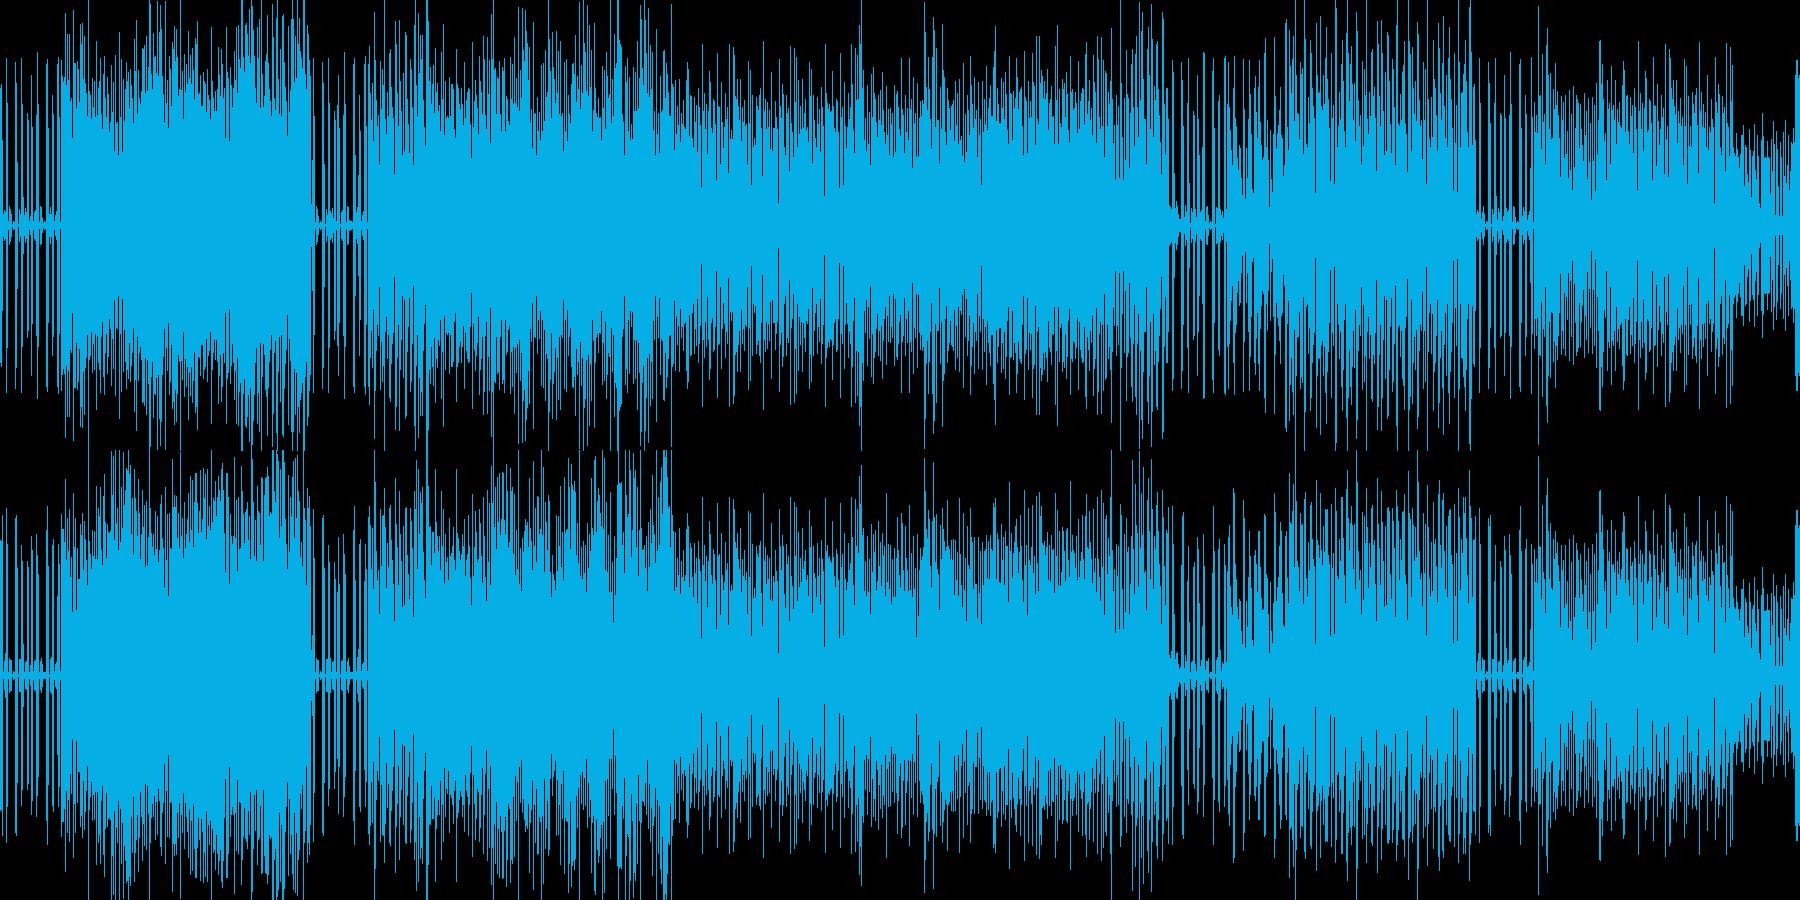 テクノな音楽でサイエンス的の再生済みの波形